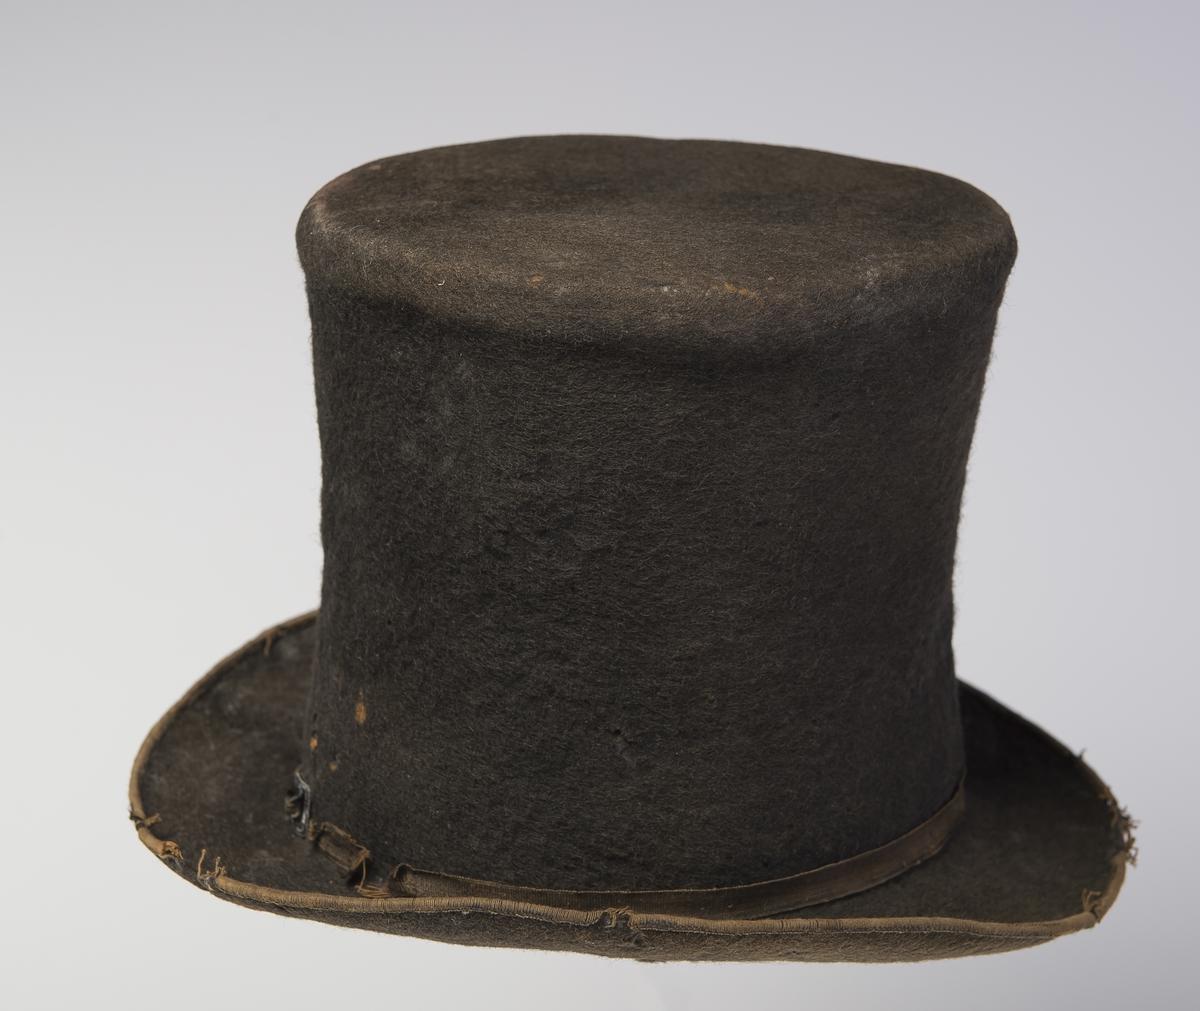 Filthatt med høy stiv pull som er flat på toppen. Rundt ytterkanten av bremmen er det påsydd et smalt bånd. Rundt nedre kant av pullen er det er smalt dekorbånd med liten spenne. Inne i pullen er det et papir med trykk på. Hatten har svettebånd og halve høyden av hatten er foret. Øvre del av hatten har større omkrets enn lenger nede. Denne type hatt er forløperen til flosshatt.